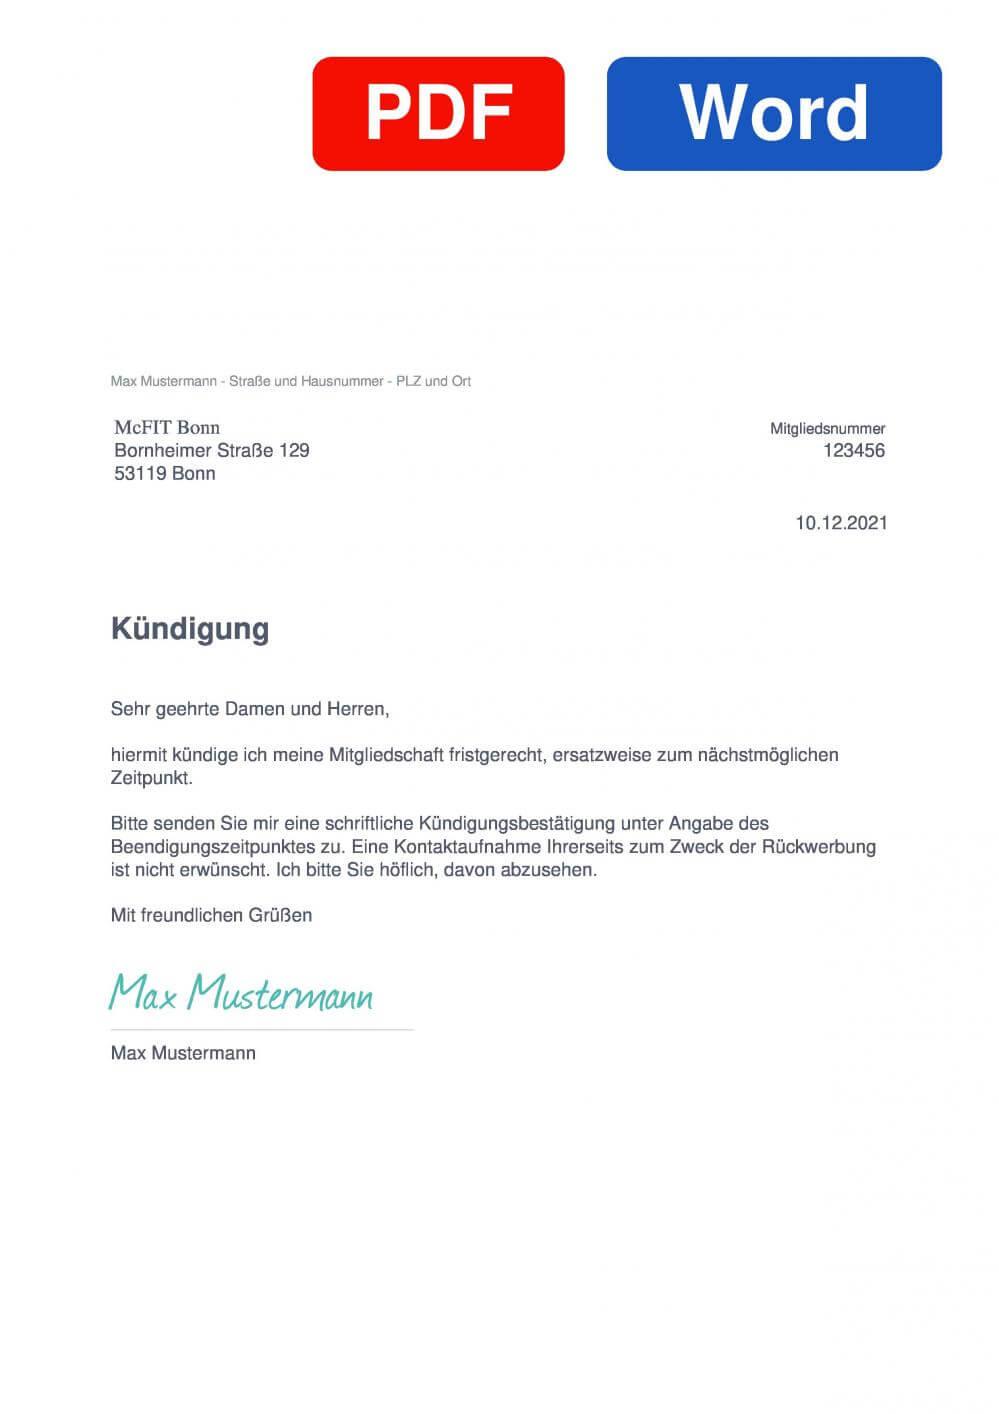 McFIT Bonn Bundeskanzlerplatz Muster Vorlage für Kündigungsschreiben